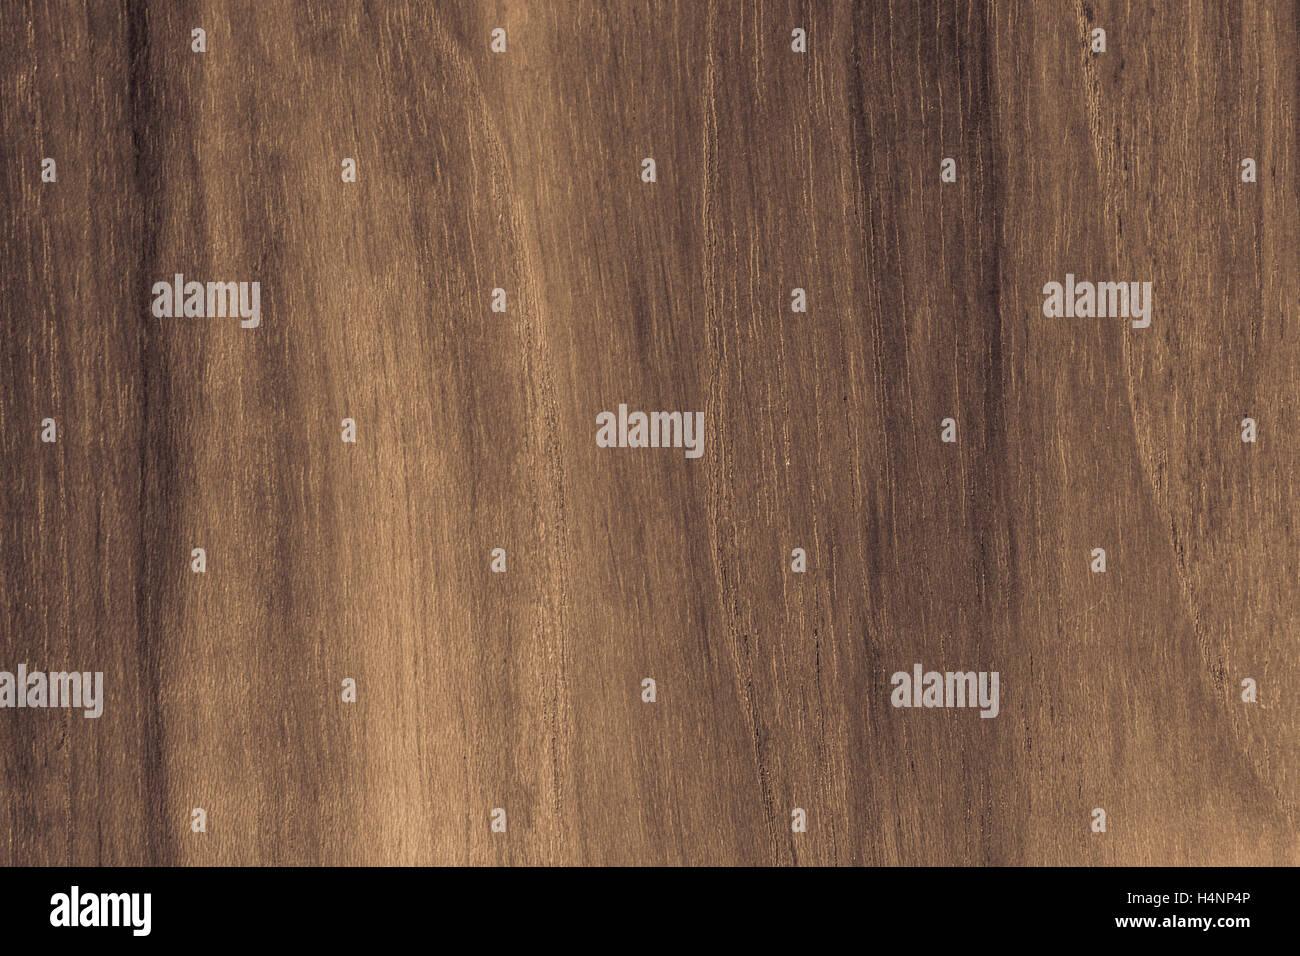 Teak Wood Texture Stock Photos Images